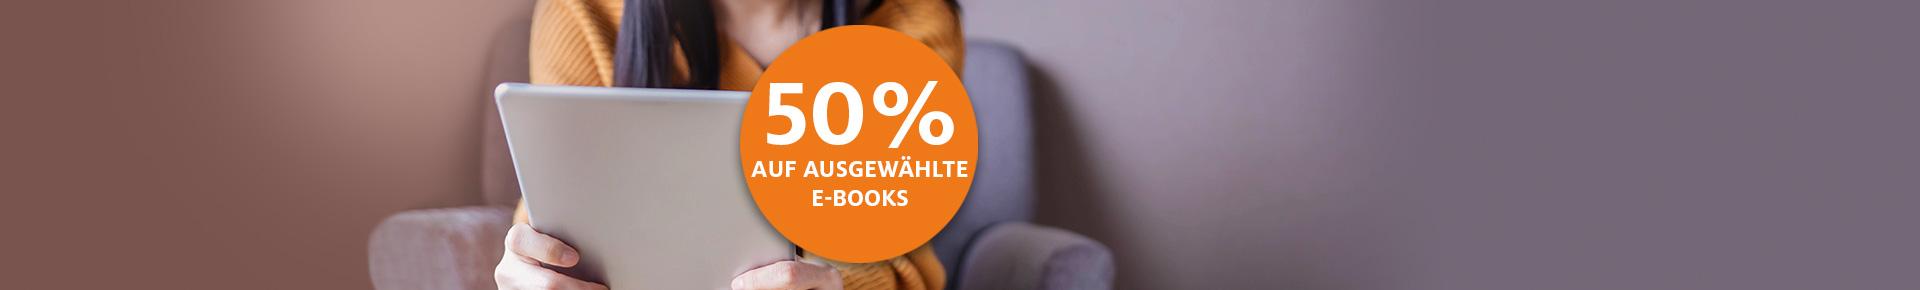 50% Rabatt auf ausgewählte E-Books